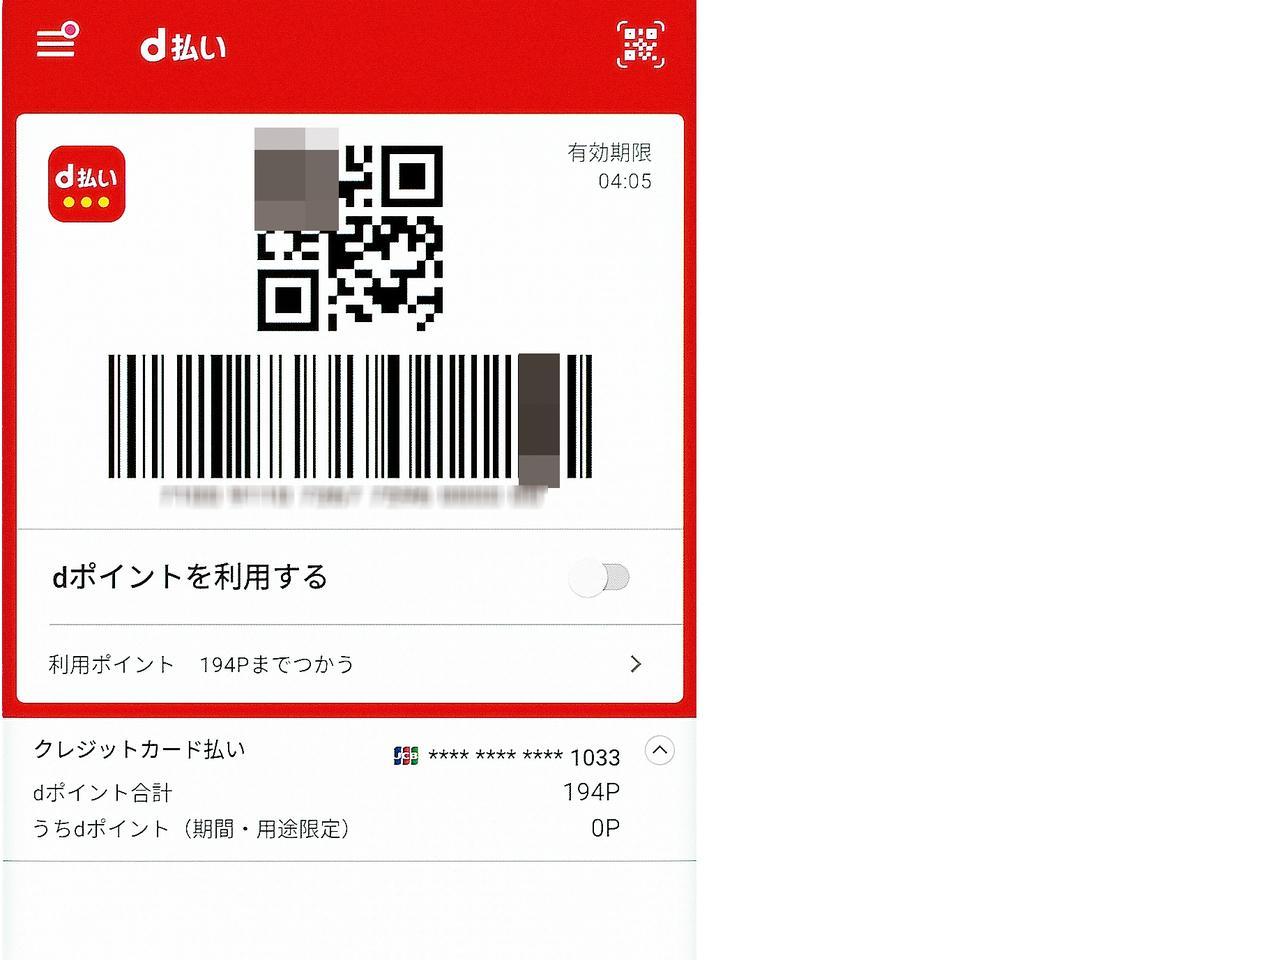 画像: ドコモユーザーはクレジットカード、ドコモ口座、通信料合算を選択することが可能だ。